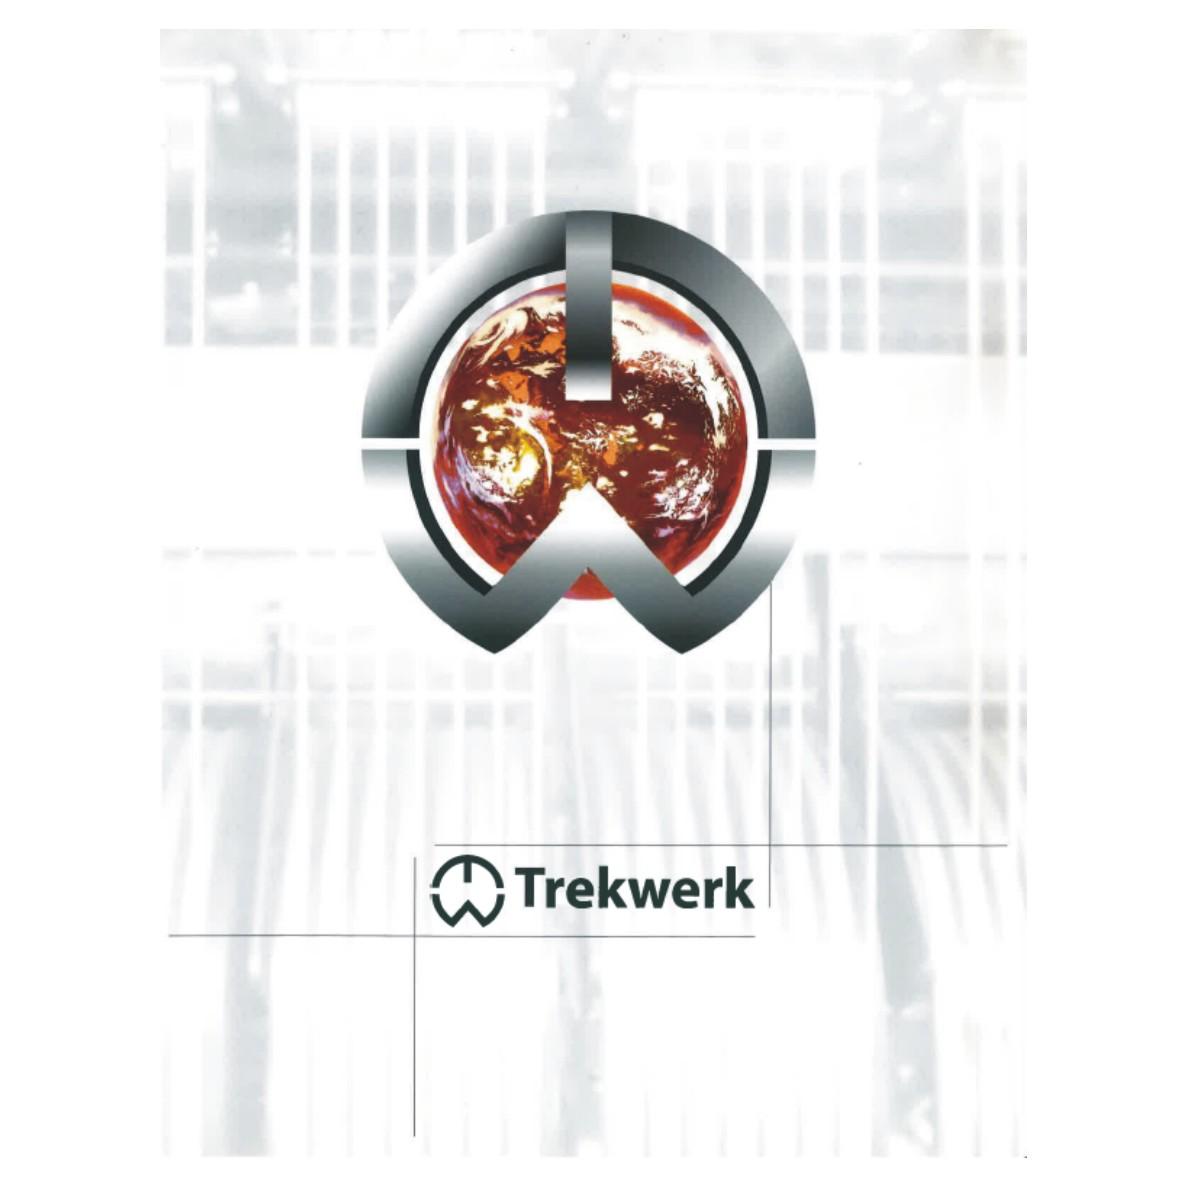 Trekwerk宣传册